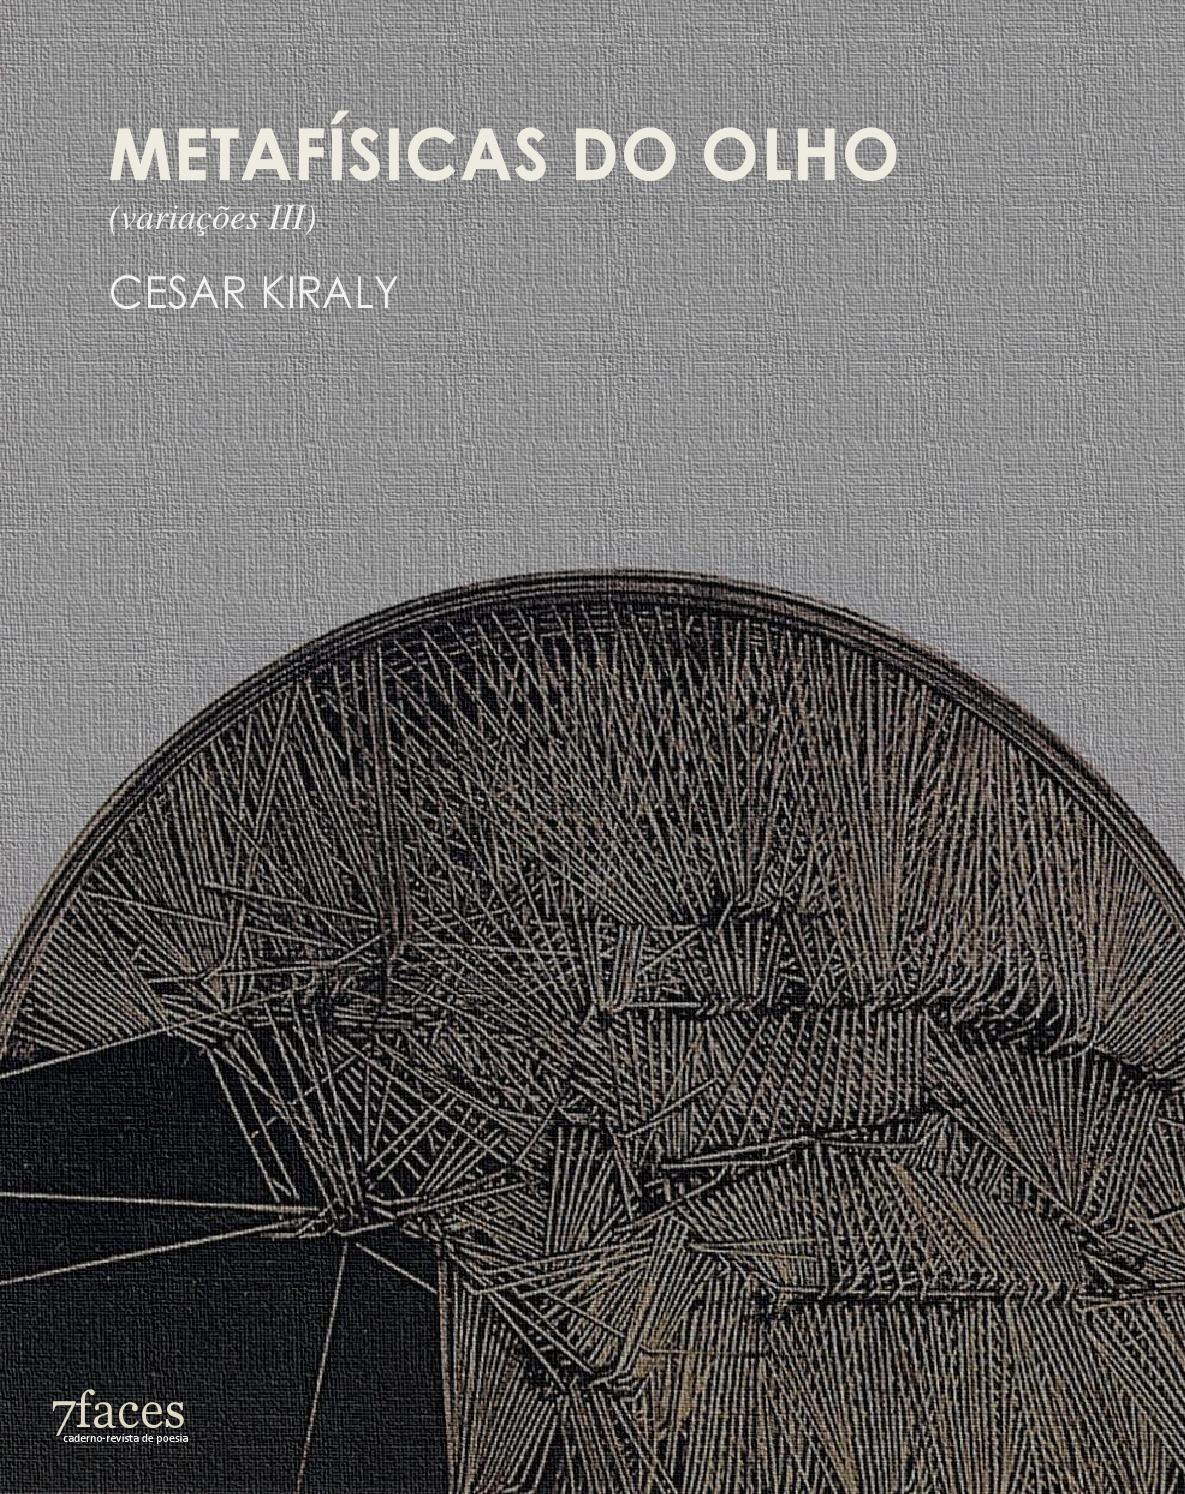 Metafísicas do olho - Cesar Kiraly  Ensaio de Cesar Kiraly publicado com encarte para a 7ª edição do caderno-revista 7faces.